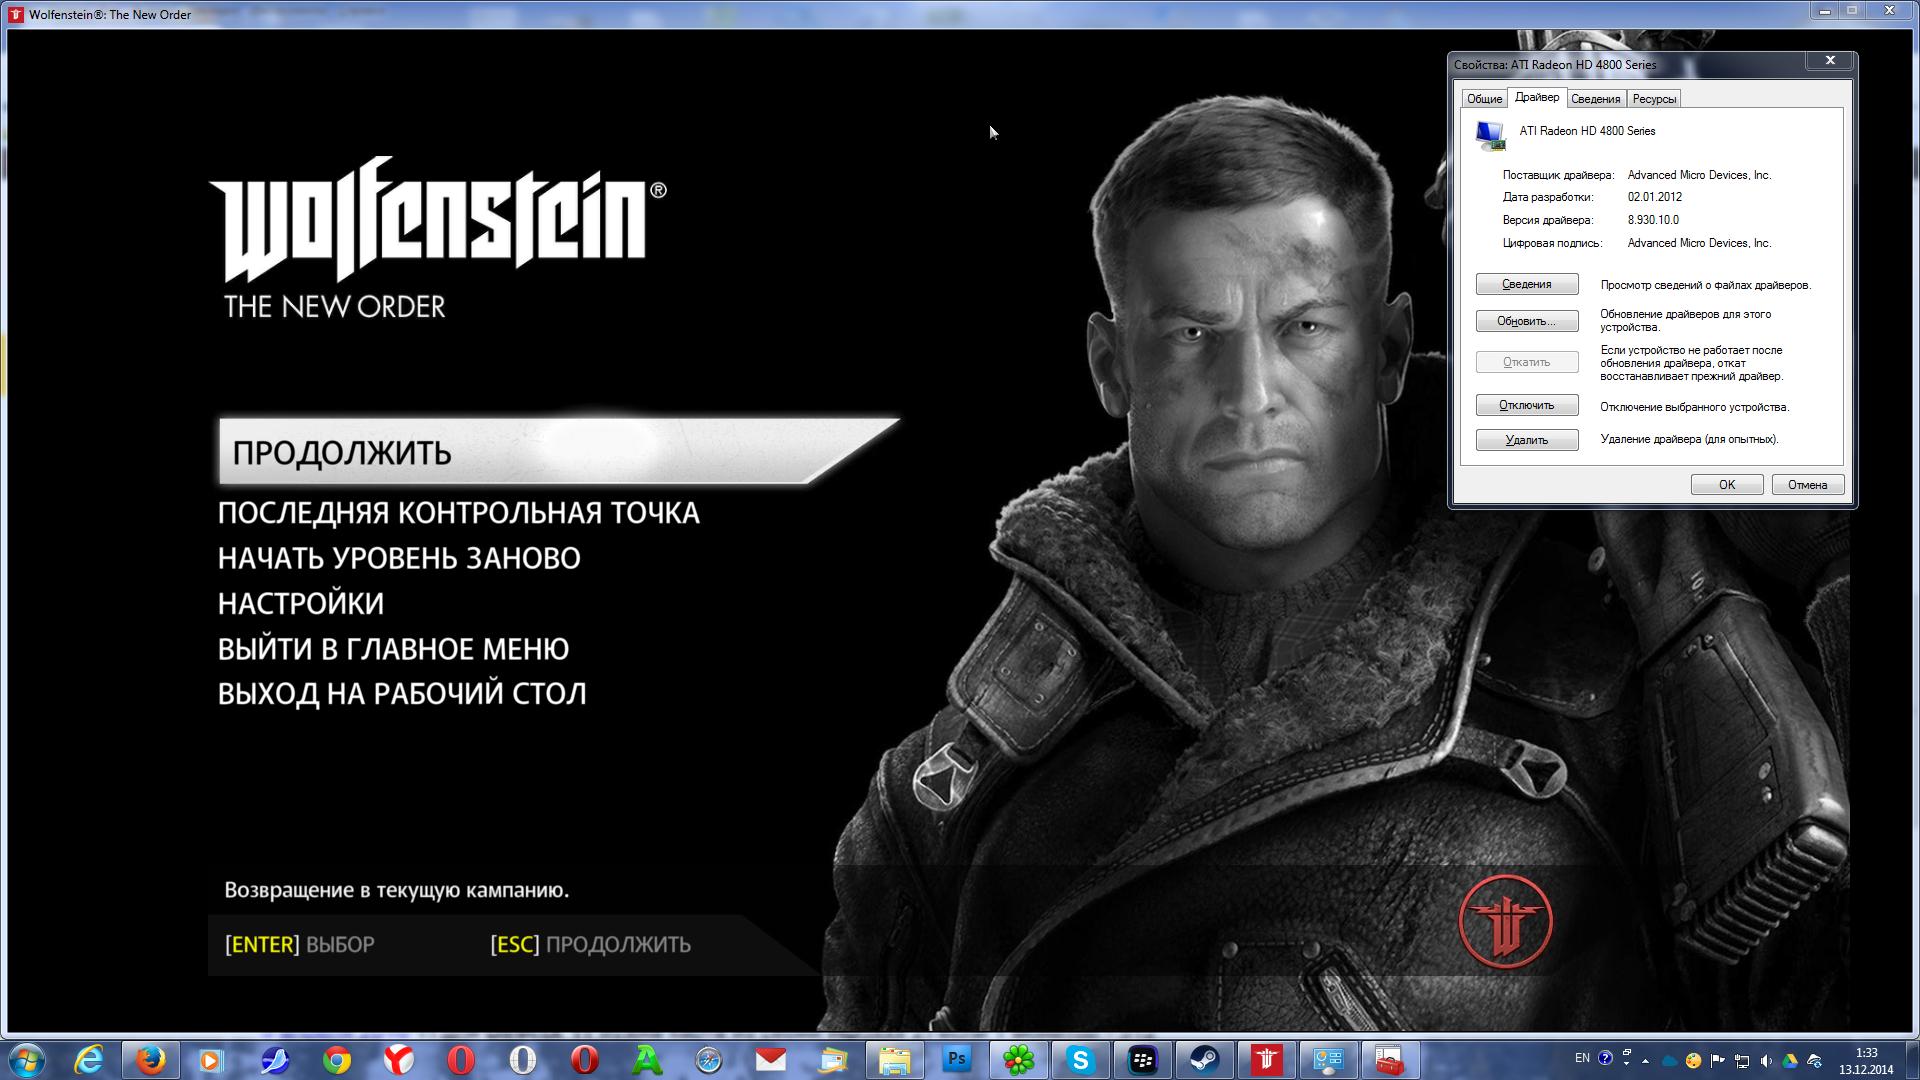 wolfenstein the new order radeon HD 4890